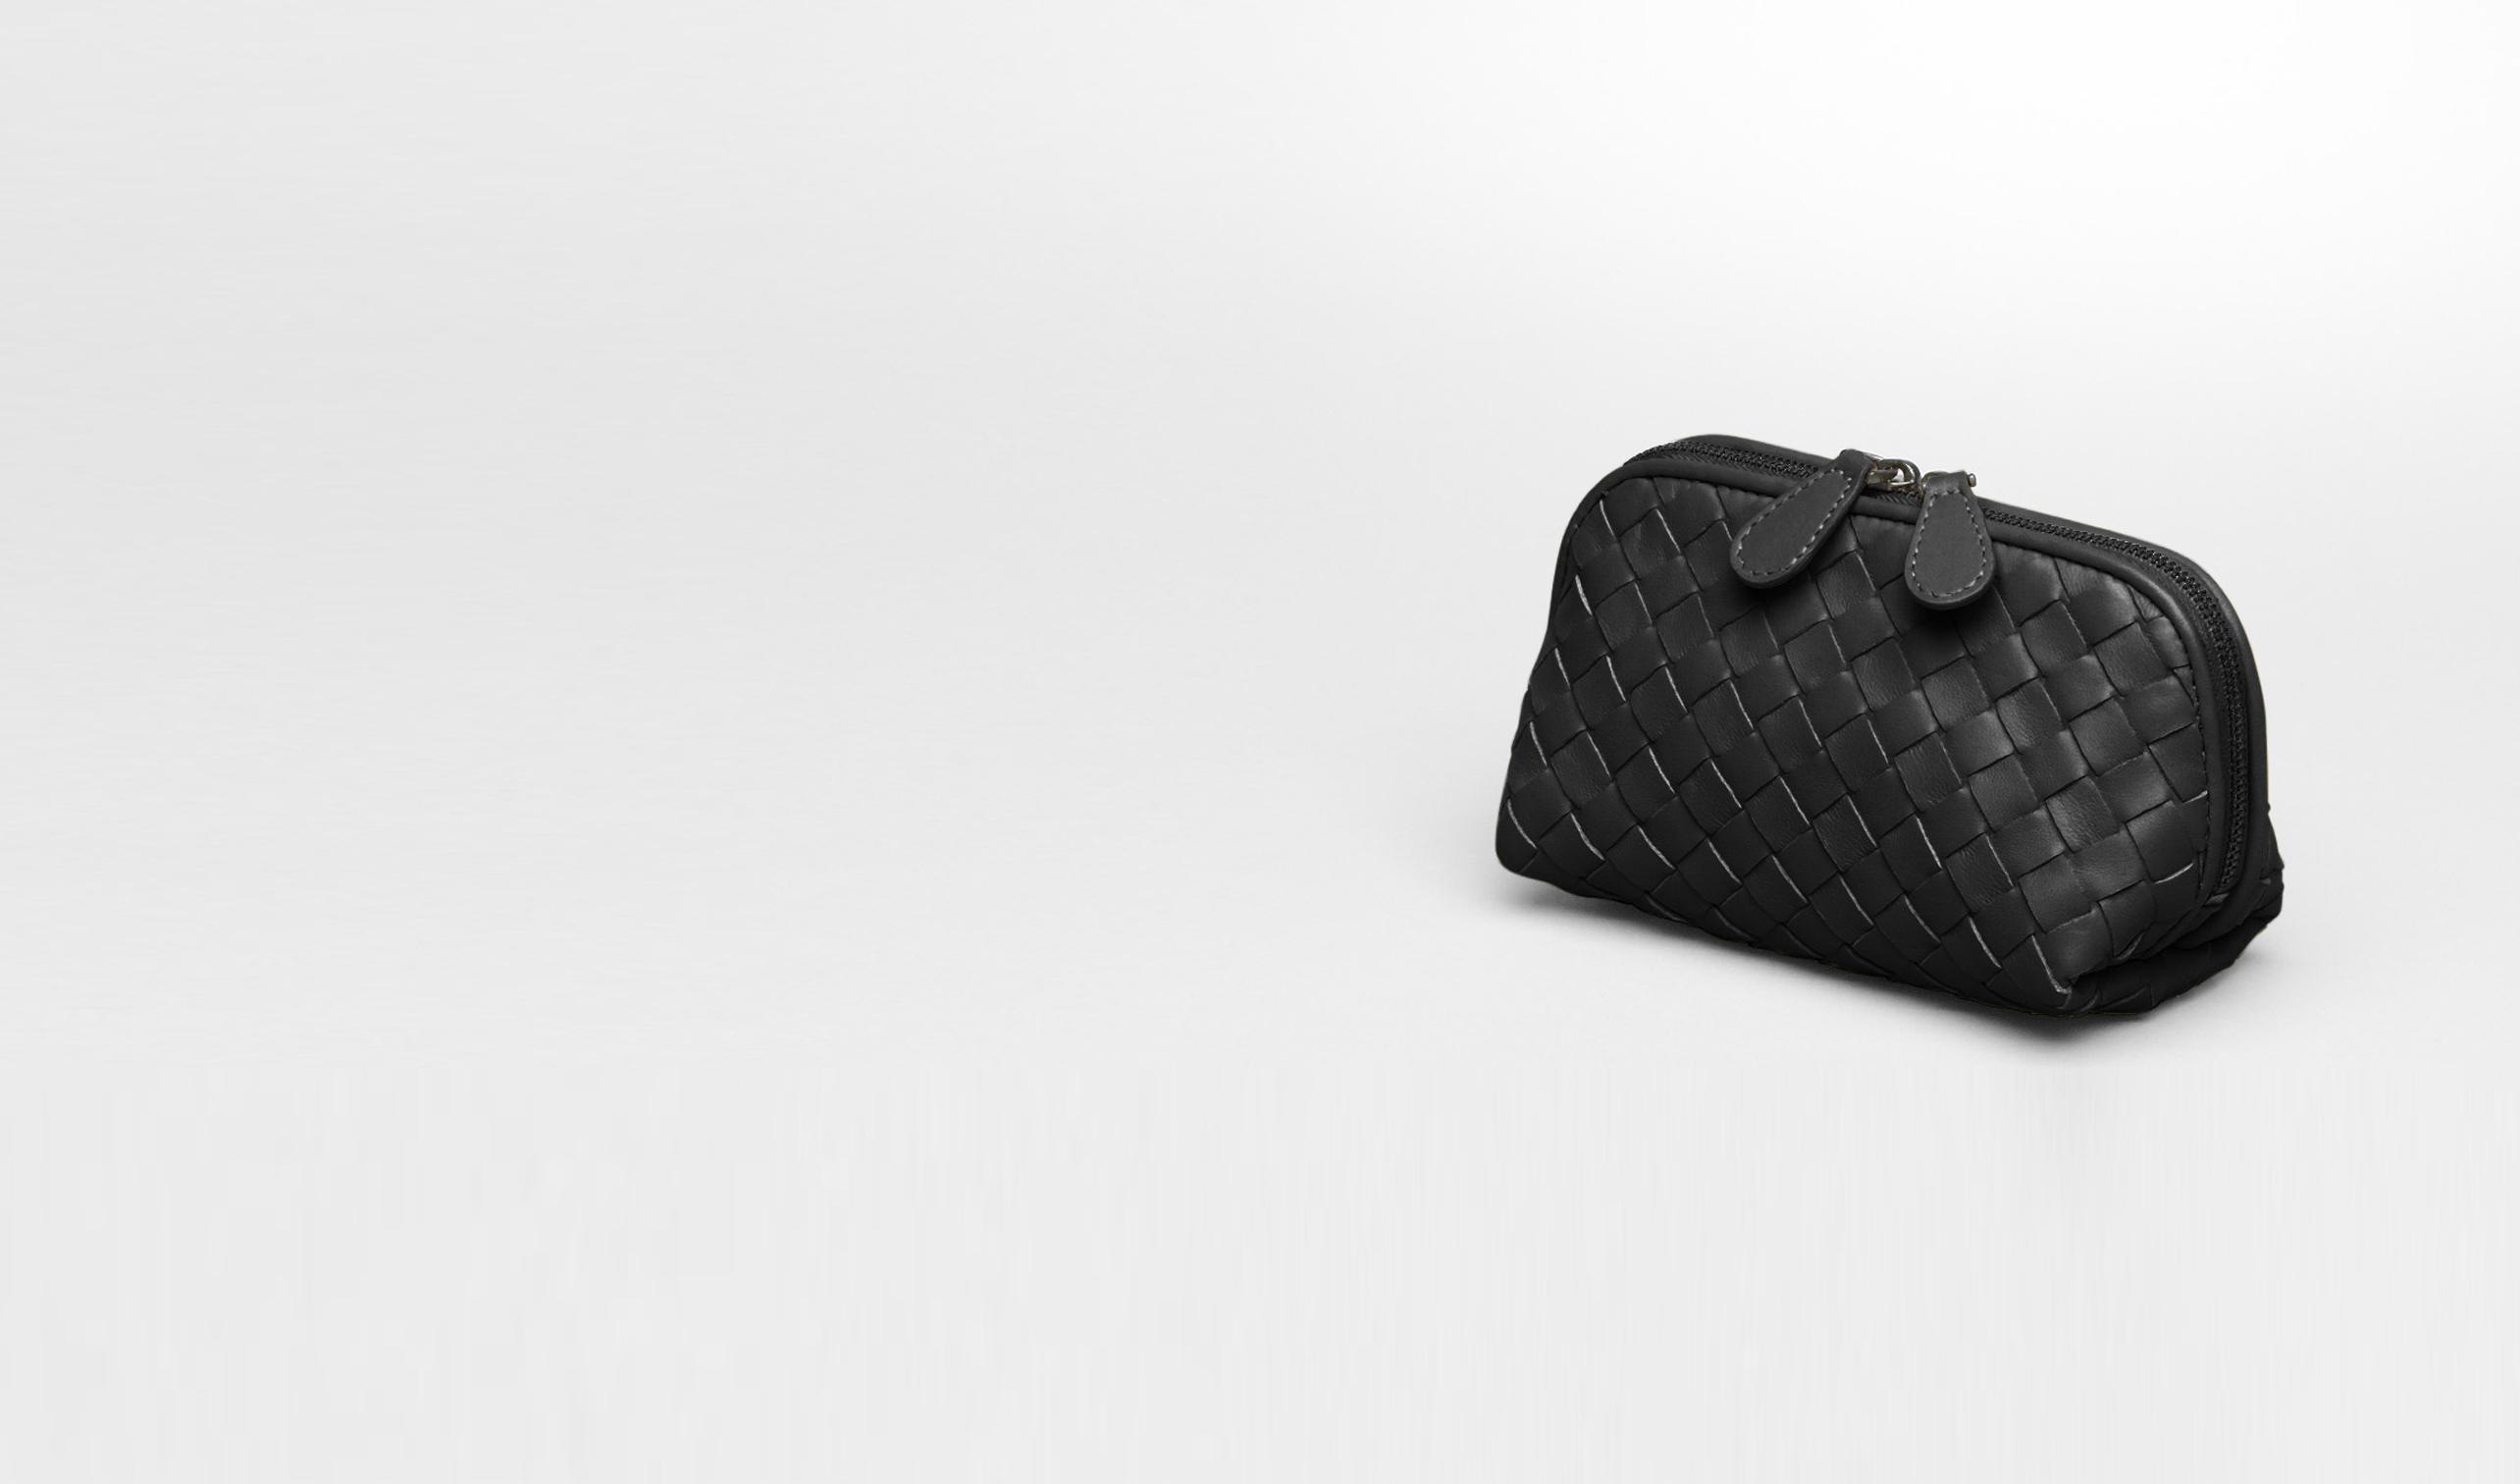 BOTTEGA VENETA Other Leather Accessory D Nero Intrecciato Nappa Cosmetic Case pl